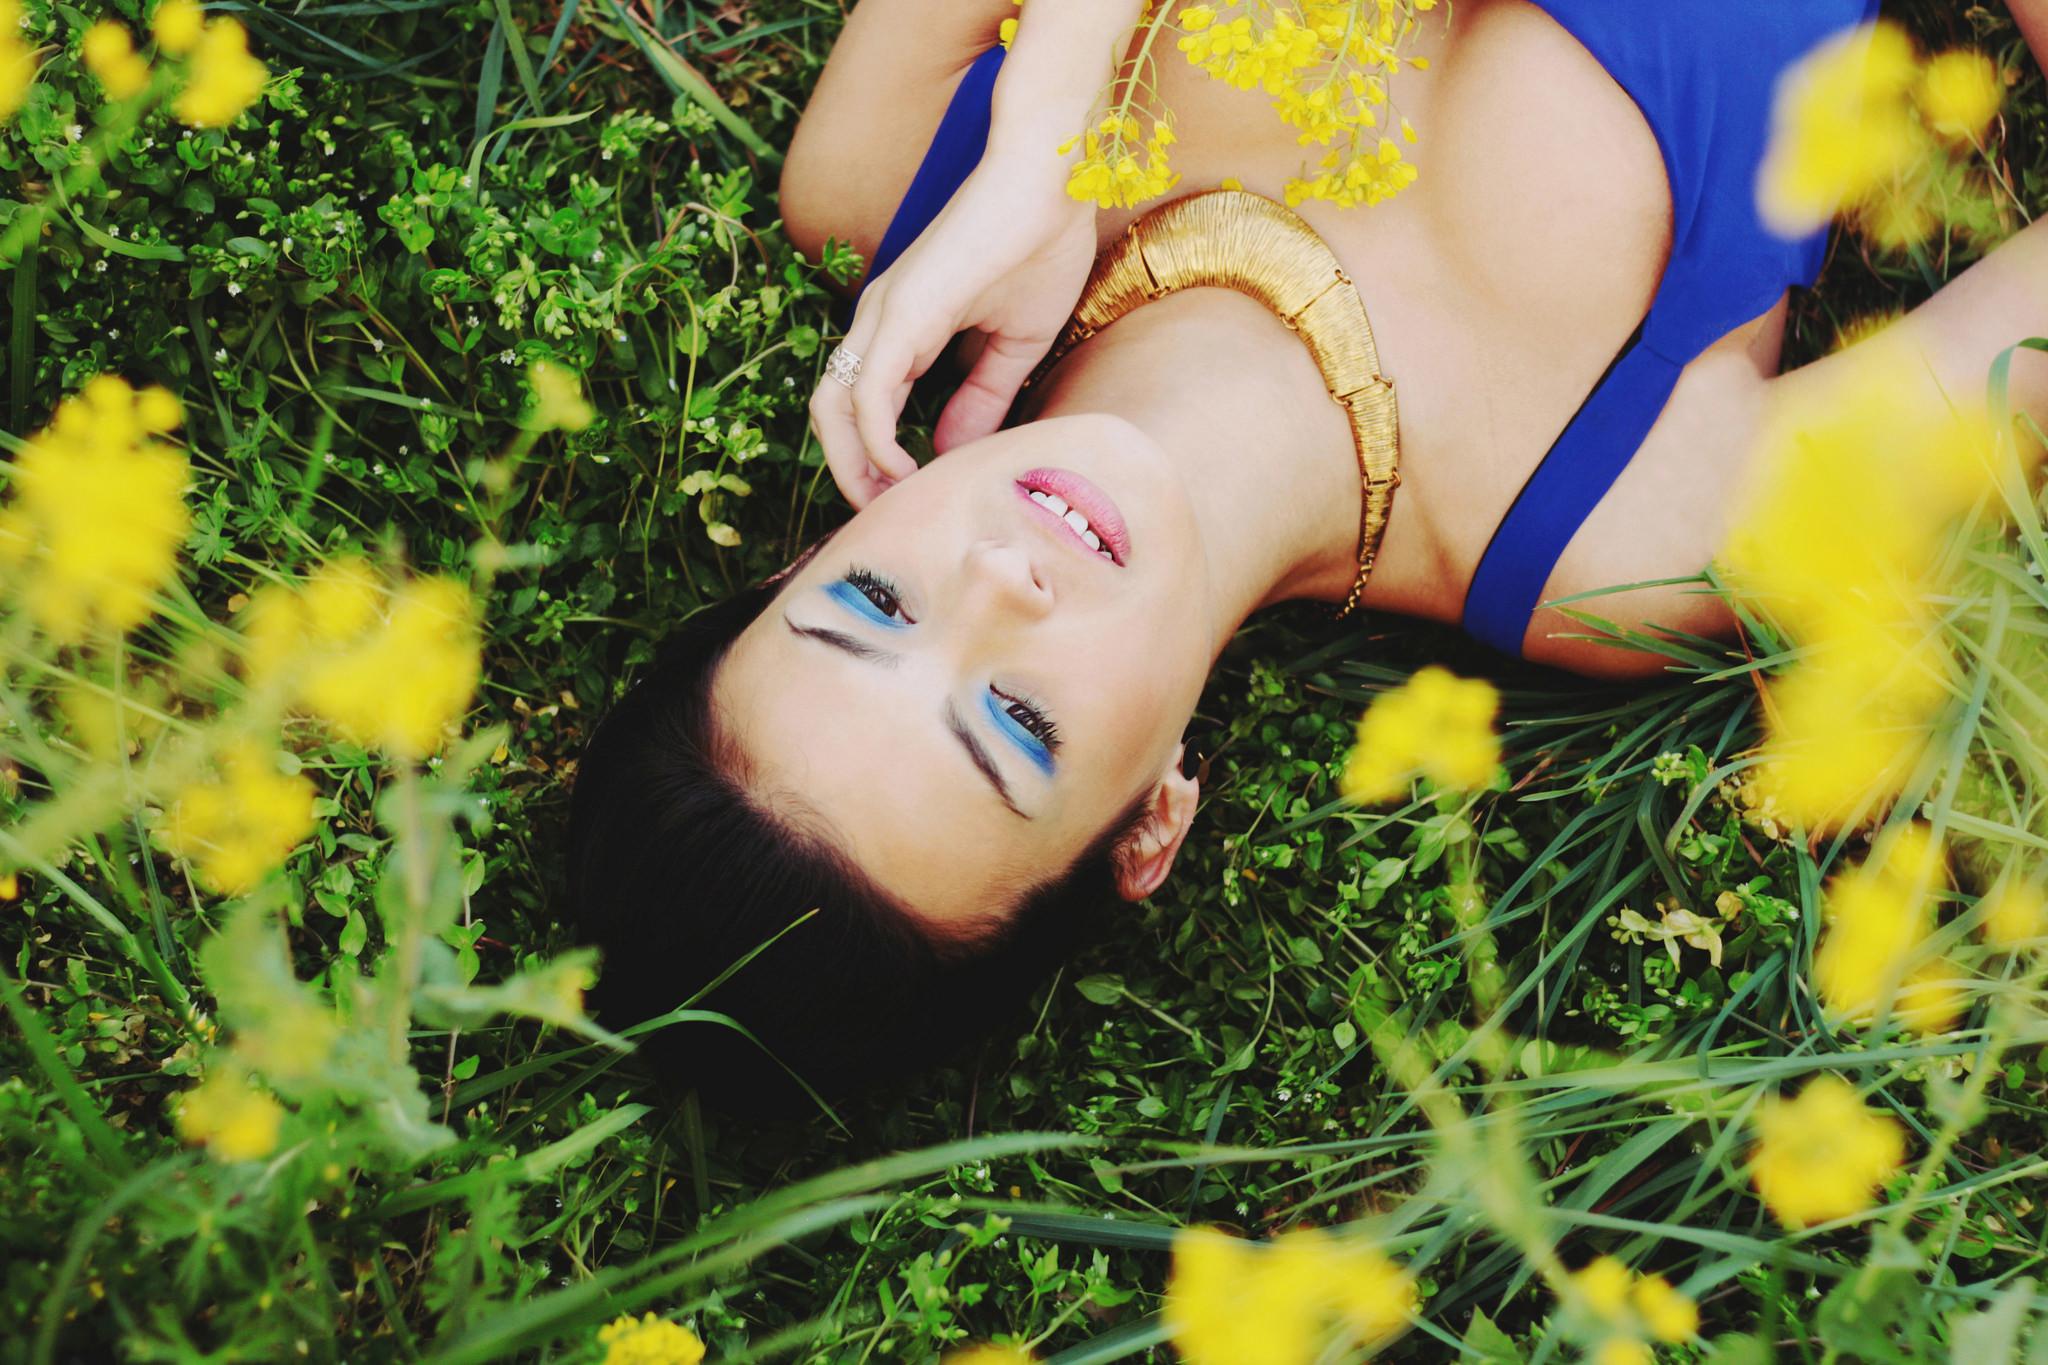 Девушка лежащая в цветах фото